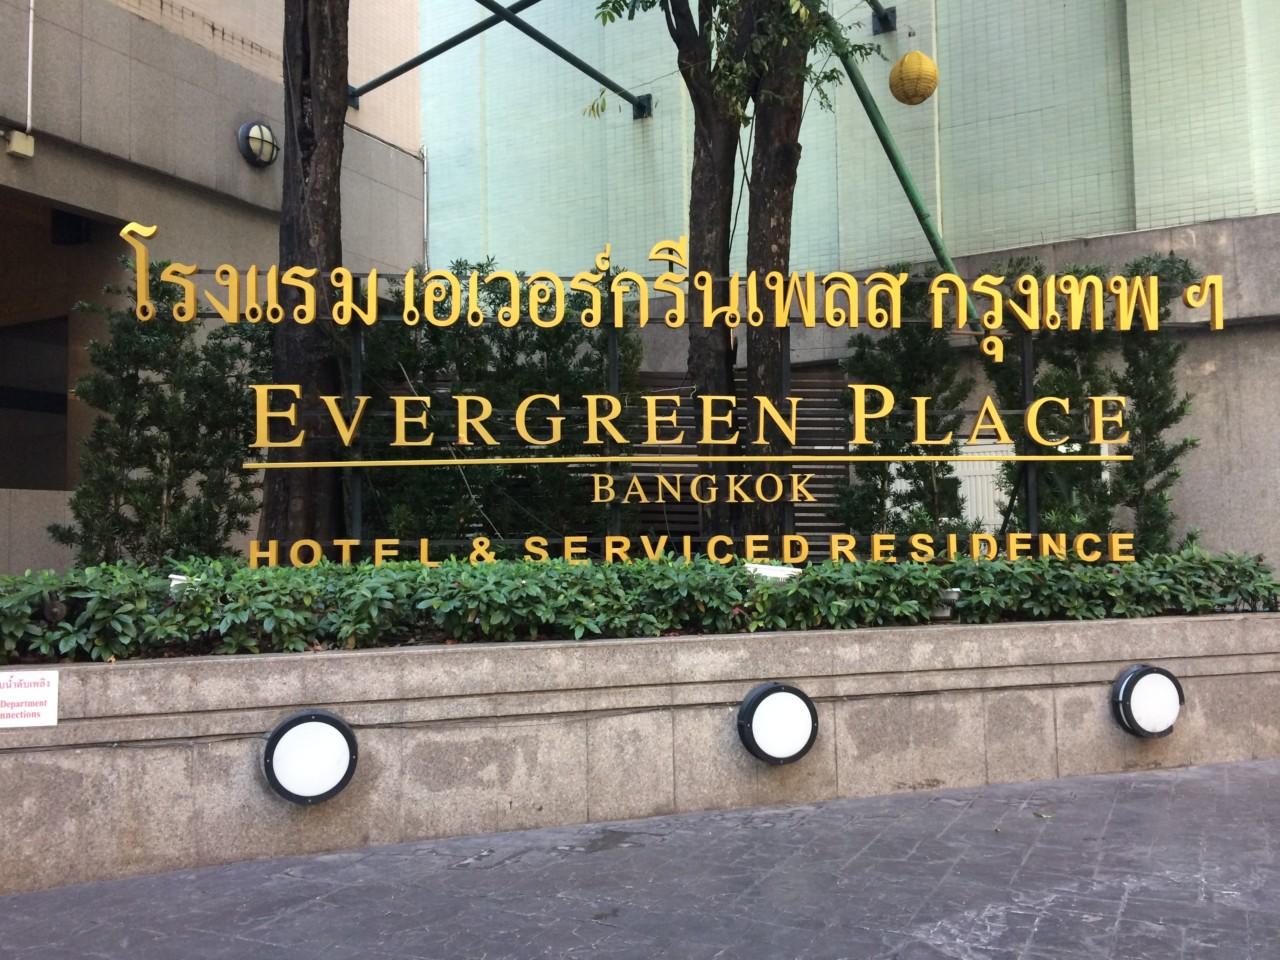 エバーグリーン プレース バンコク